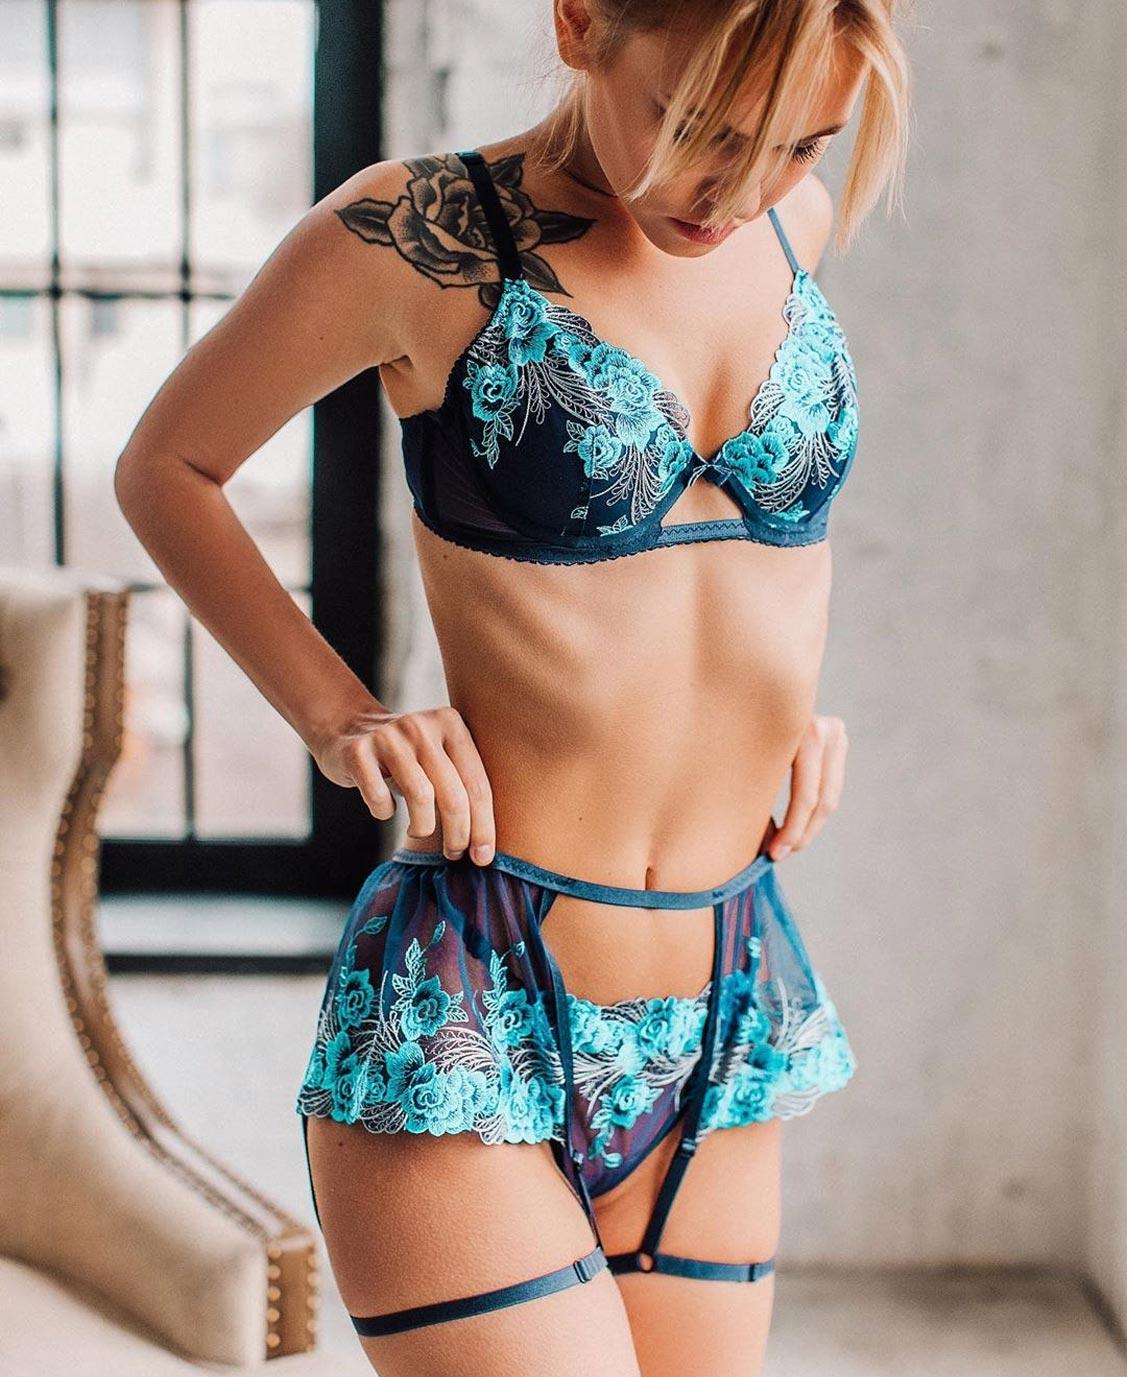 Анастасия Щеглова в нижнем белье торговой марки MissX / фото 31